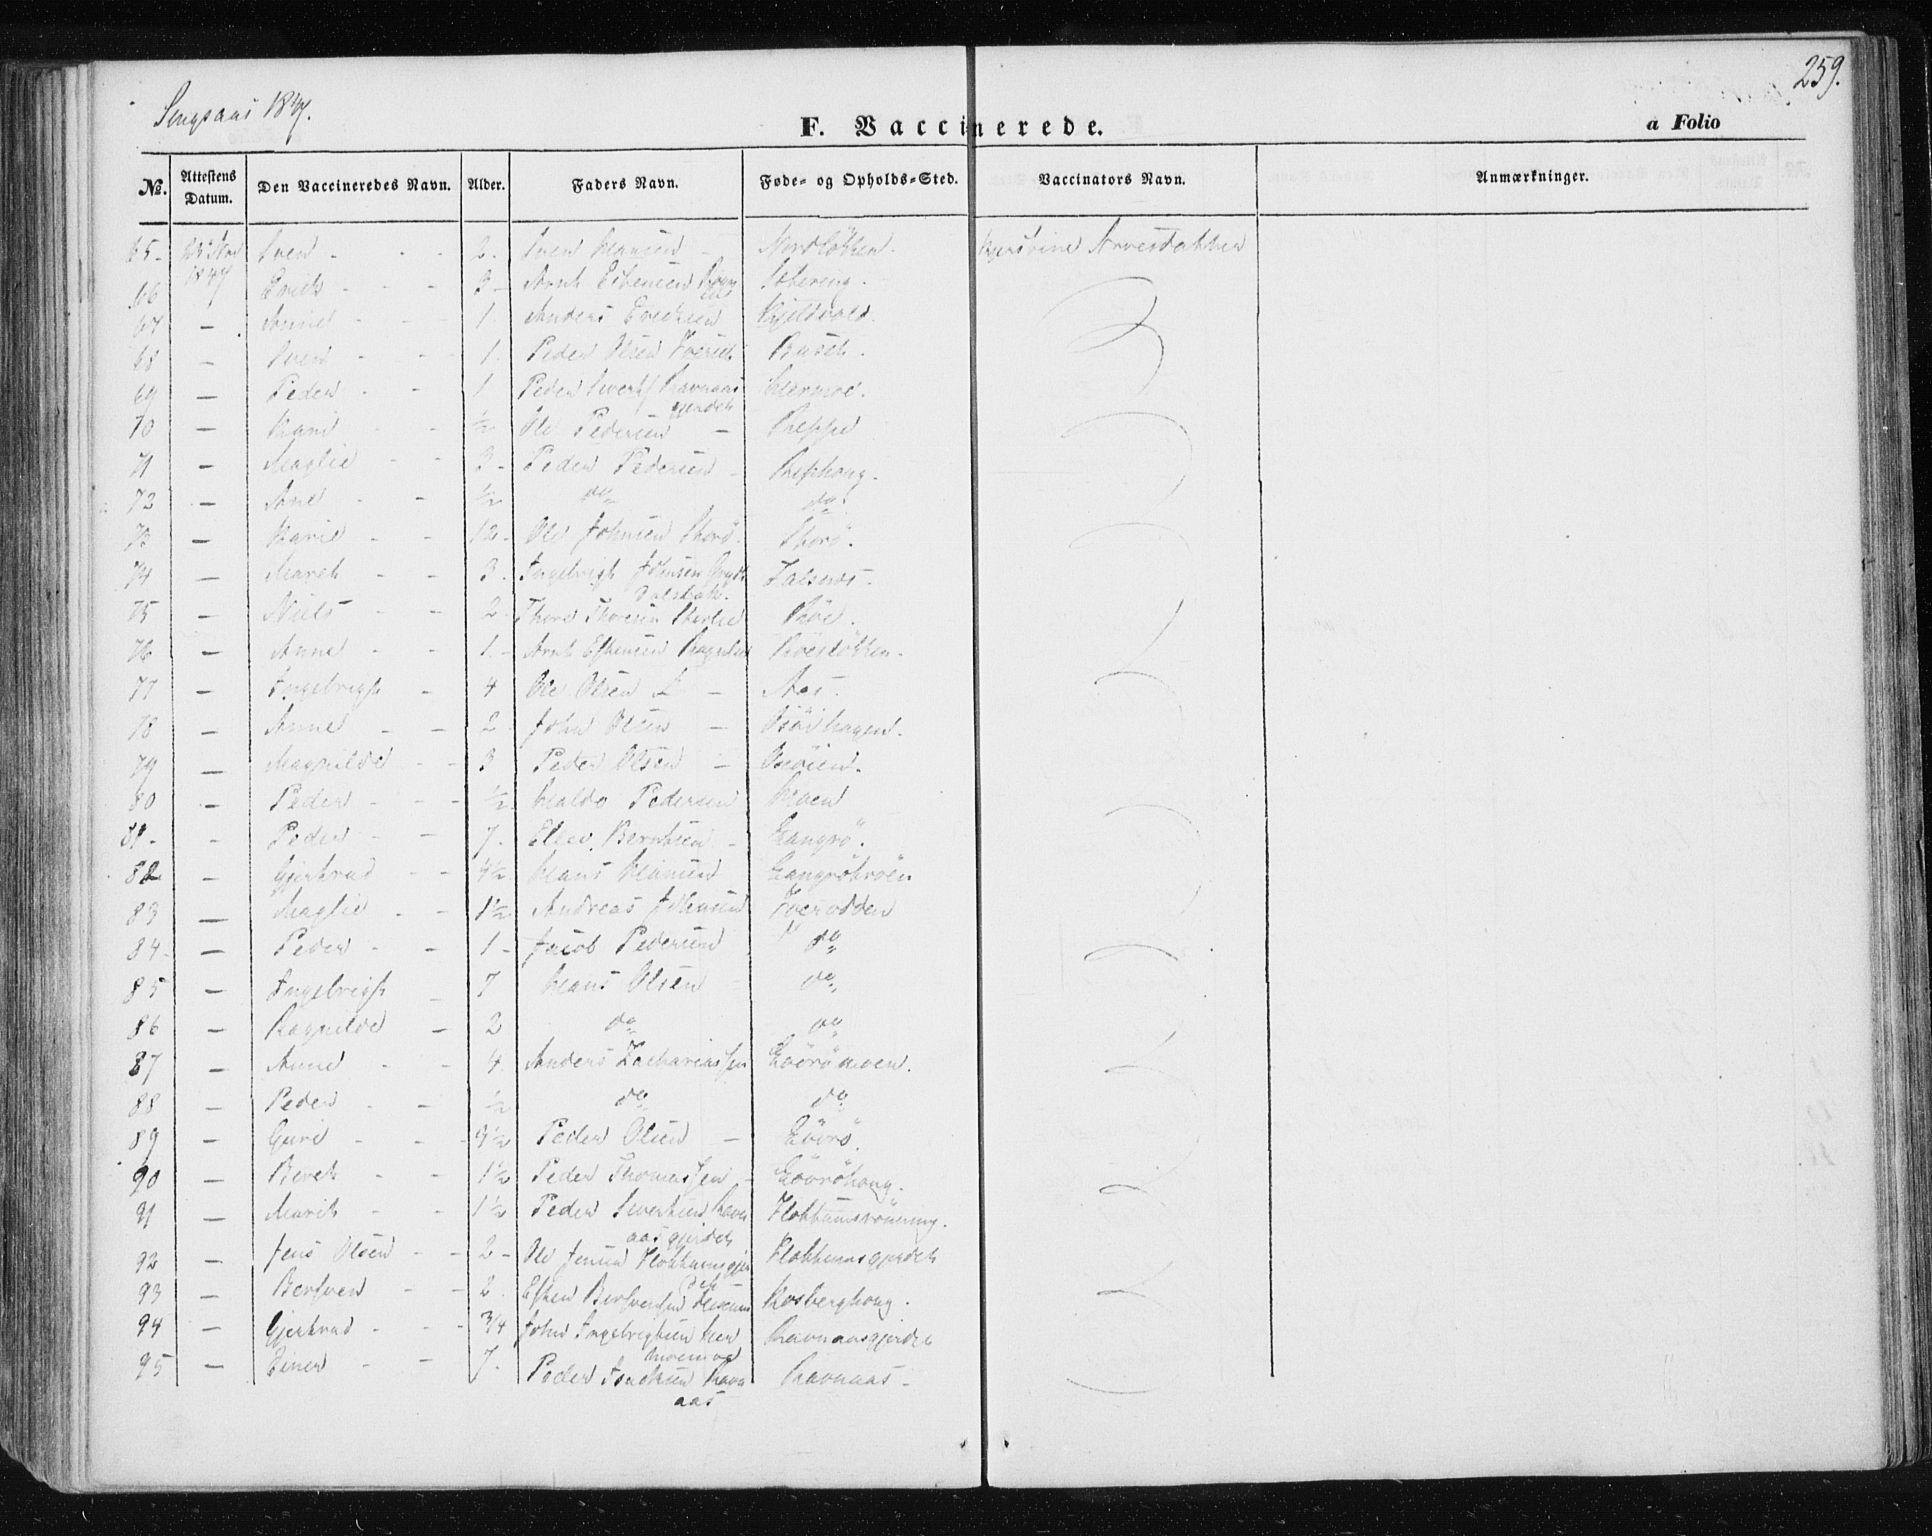 SAT, Ministerialprotokoller, klokkerbøker og fødselsregistre - Sør-Trøndelag, 685/L0964: Ministerialbok nr. 685A06 /2, 1846-1859, s. 259